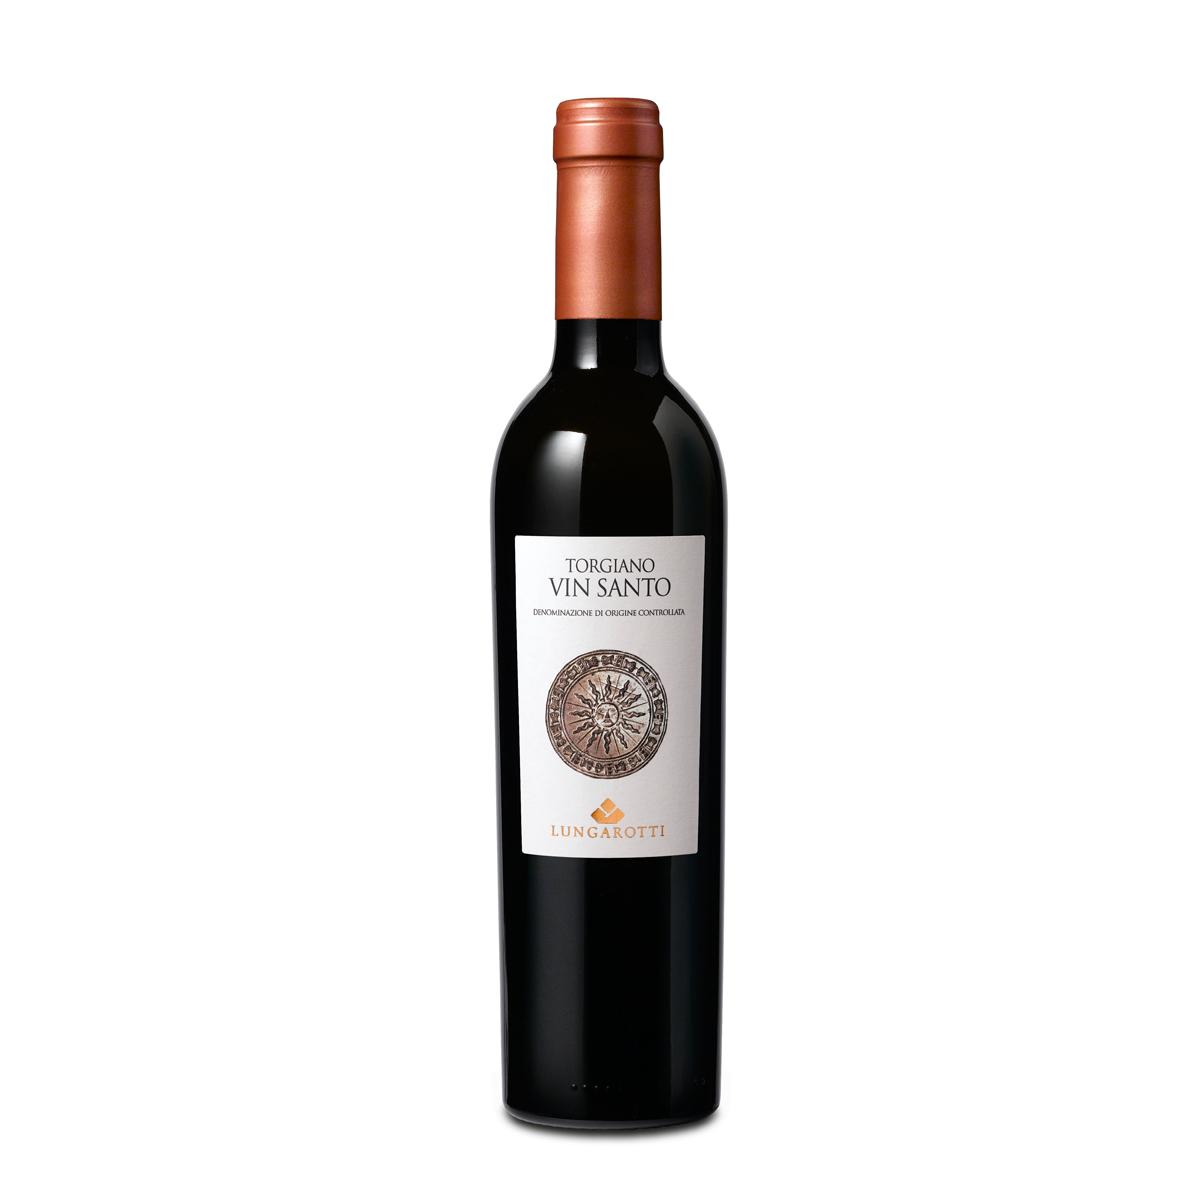 Vin Santo di Torgiano - Cantine Lungarotti - Privilege Wine